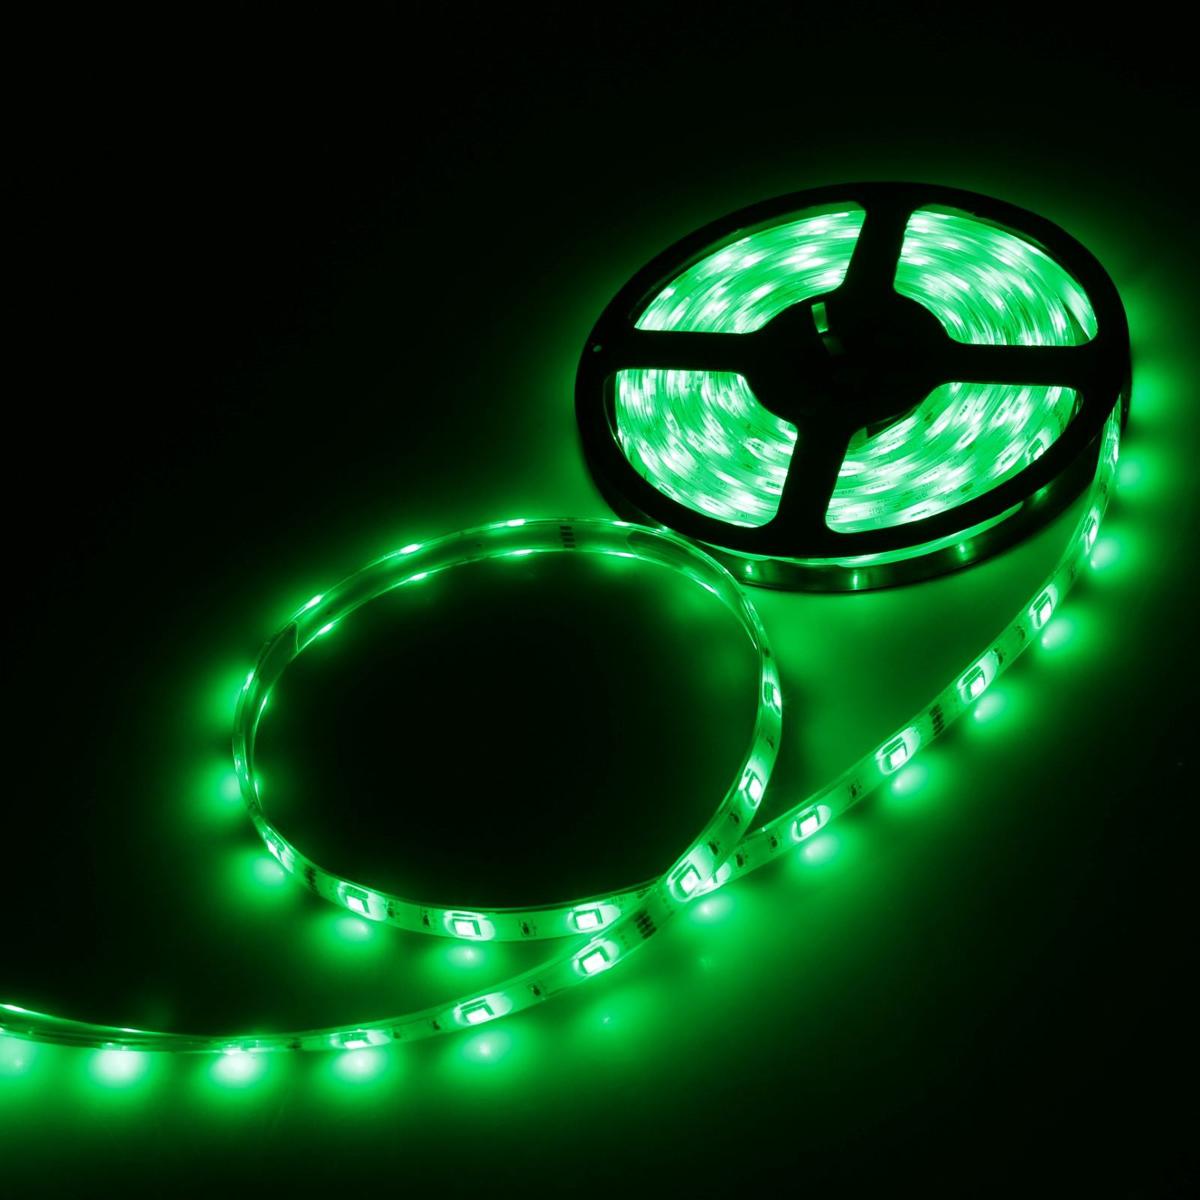 Светодиодная лента Luazon, 12В, SMD5050, длина 5 м, IP68, 30 LED ламп, 7.2 Вт/м, 14-16 Лм/1 LED, DC, цвет: зеленый светодиодная лента luazon 12в smd3528 длина 5 м ip68 60 led ламп 4 8 вт м 6 7 лм 1 led dc цвет фиолетовый